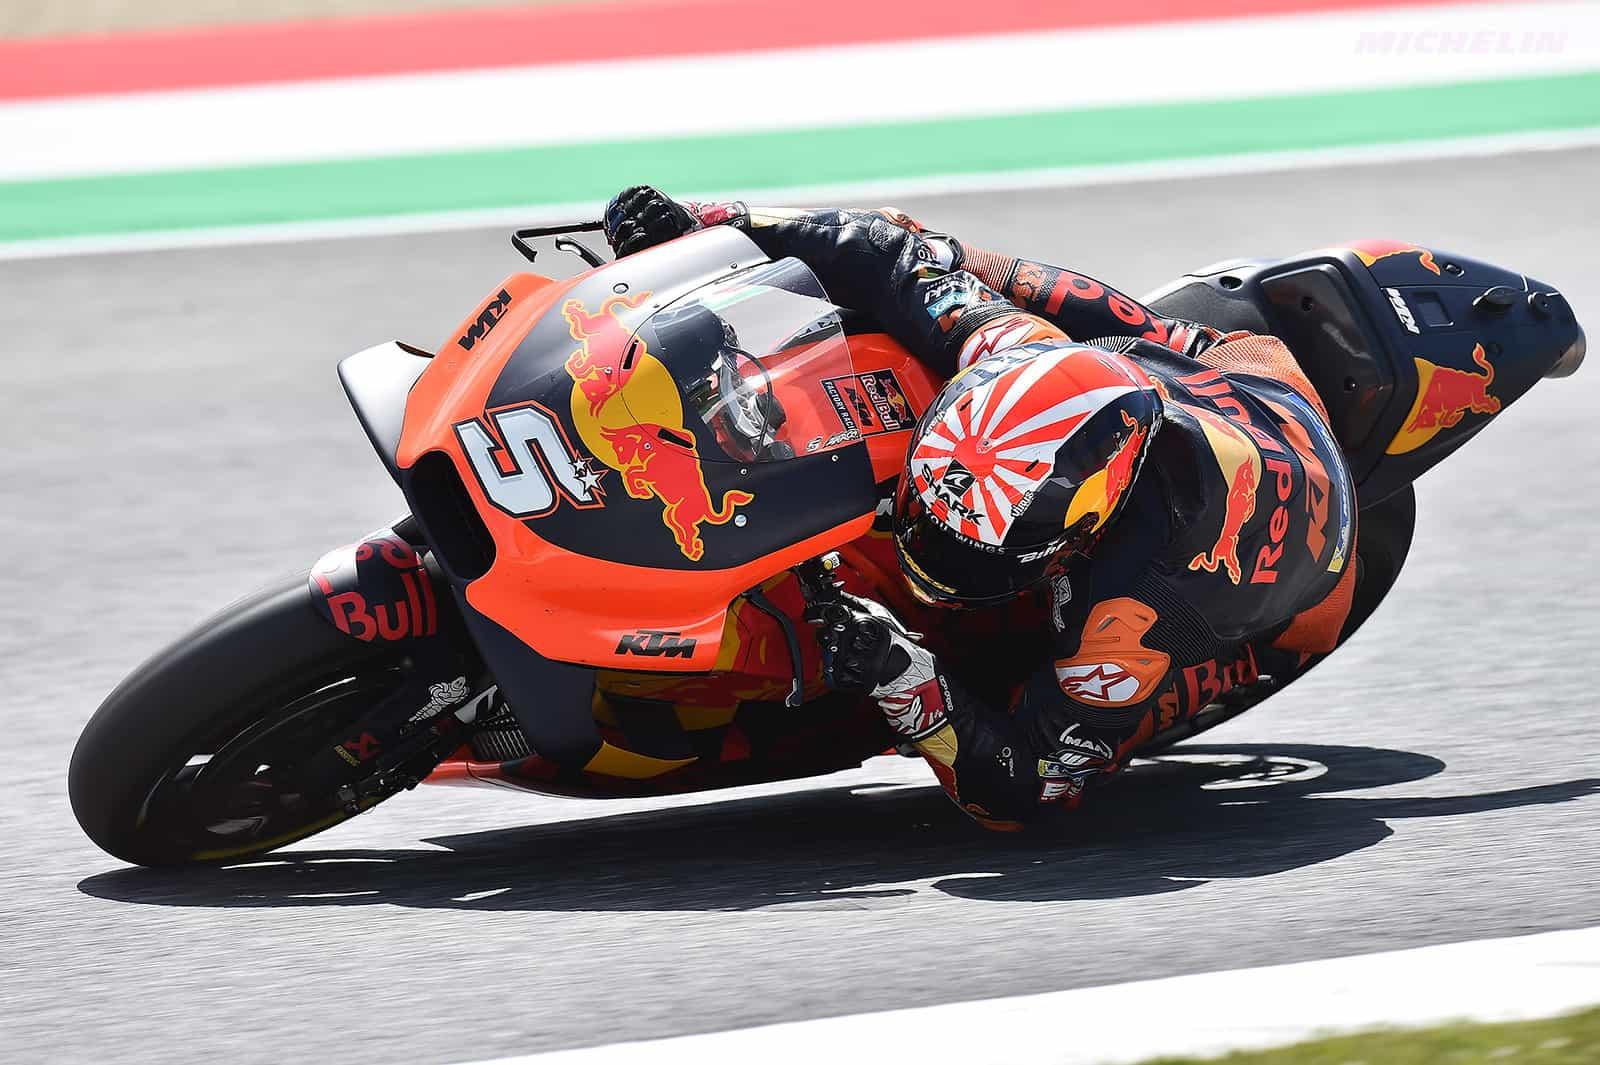 MotoGP2019イタリアGP ザルコ「ソフトタイヤを履いてライバルとの違いを理解しようとした」